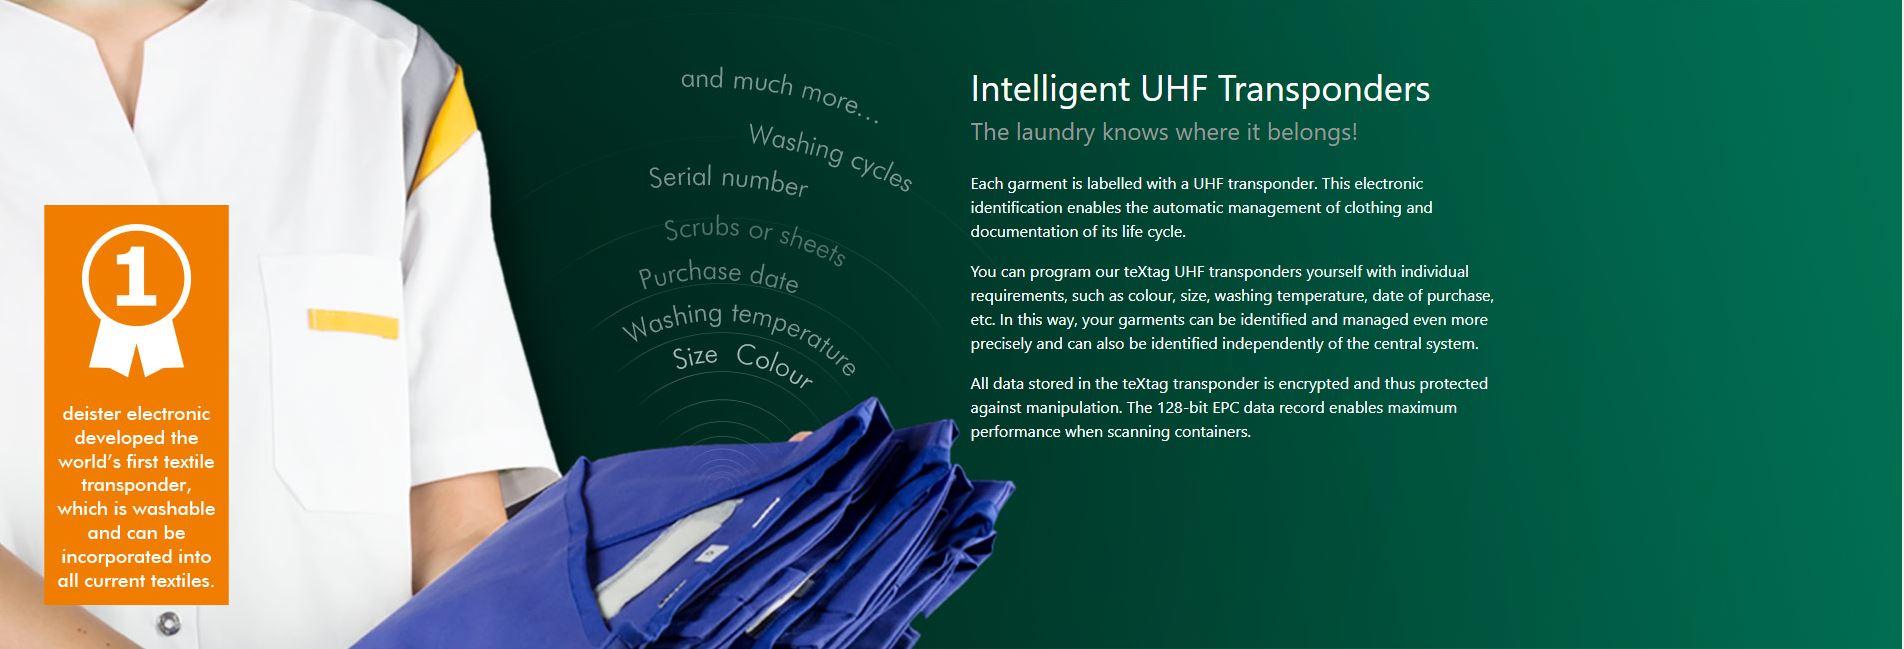 Intelligent UHF Transponders